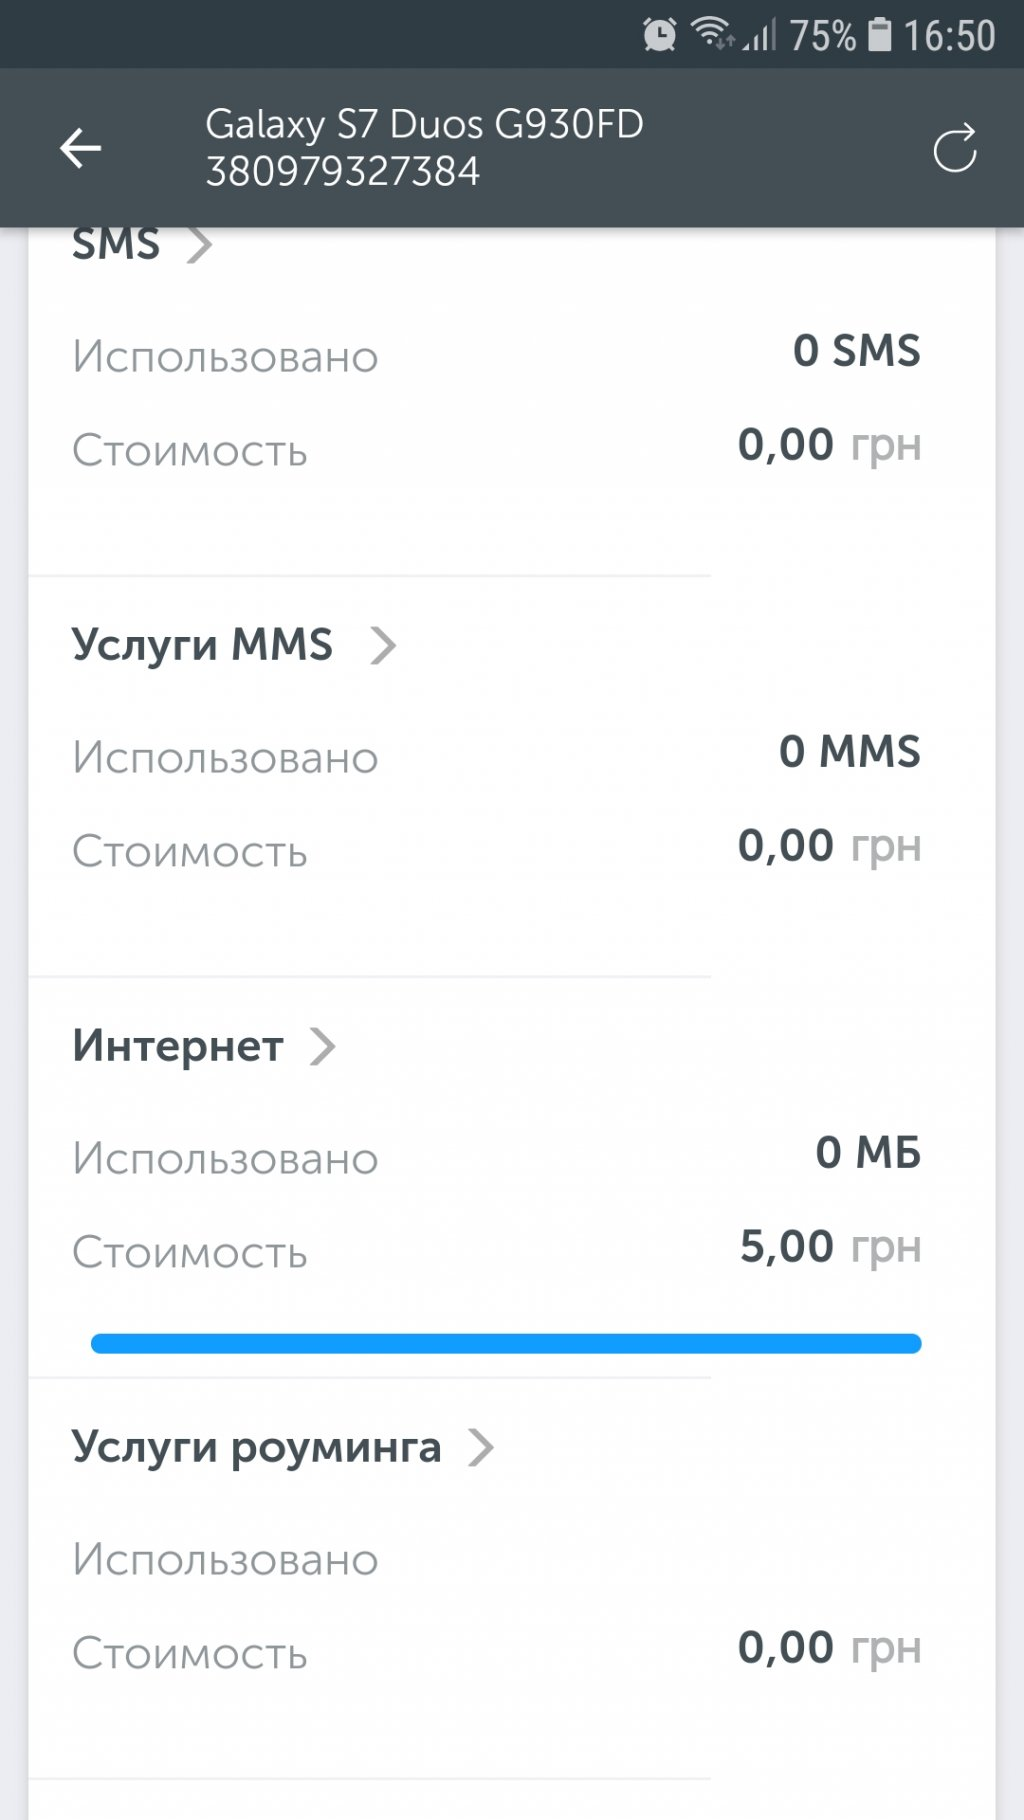 Доказательства отзыва о компании Киевстар (Kyivstar) №777